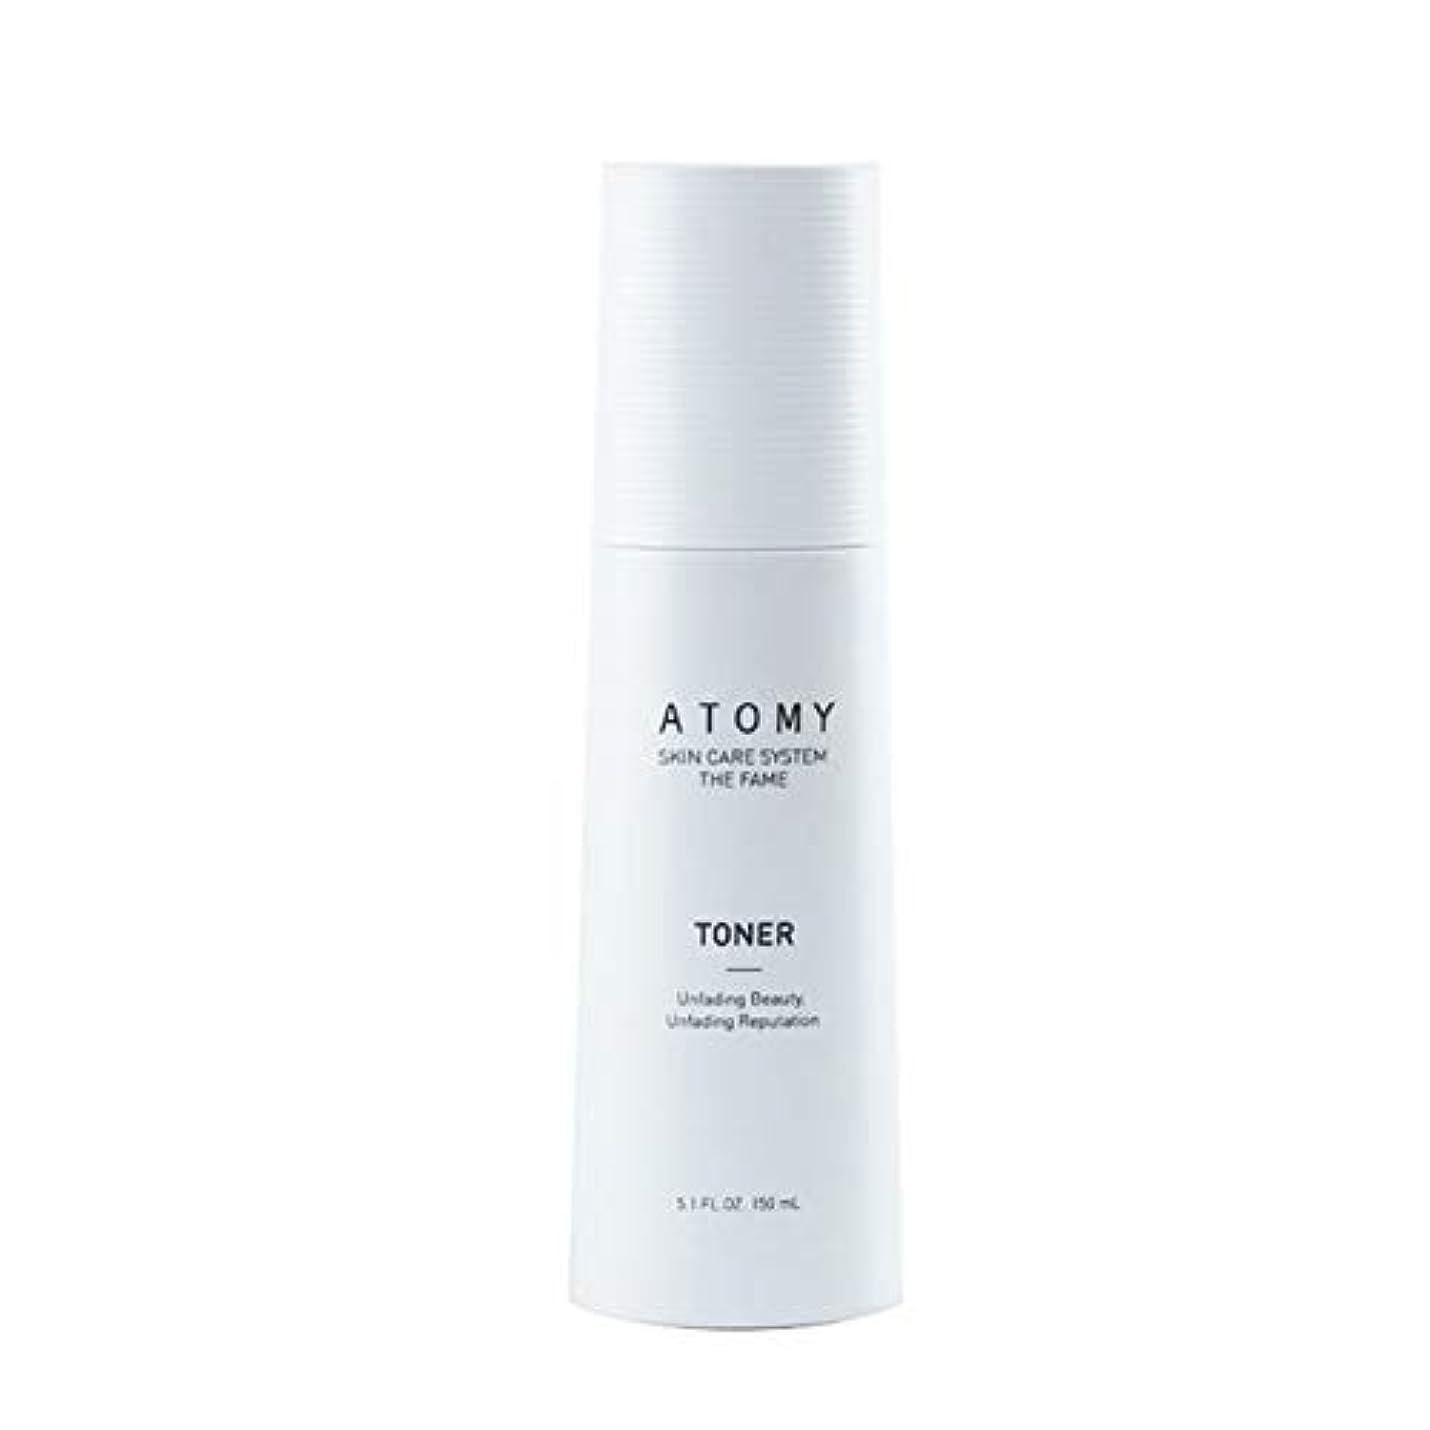 西部リスク分子アトミザ?フェームトナー150ml韓国コスメ、Atomy The Fame Toner 150ml Korean Cosmetics [並行輸入品]